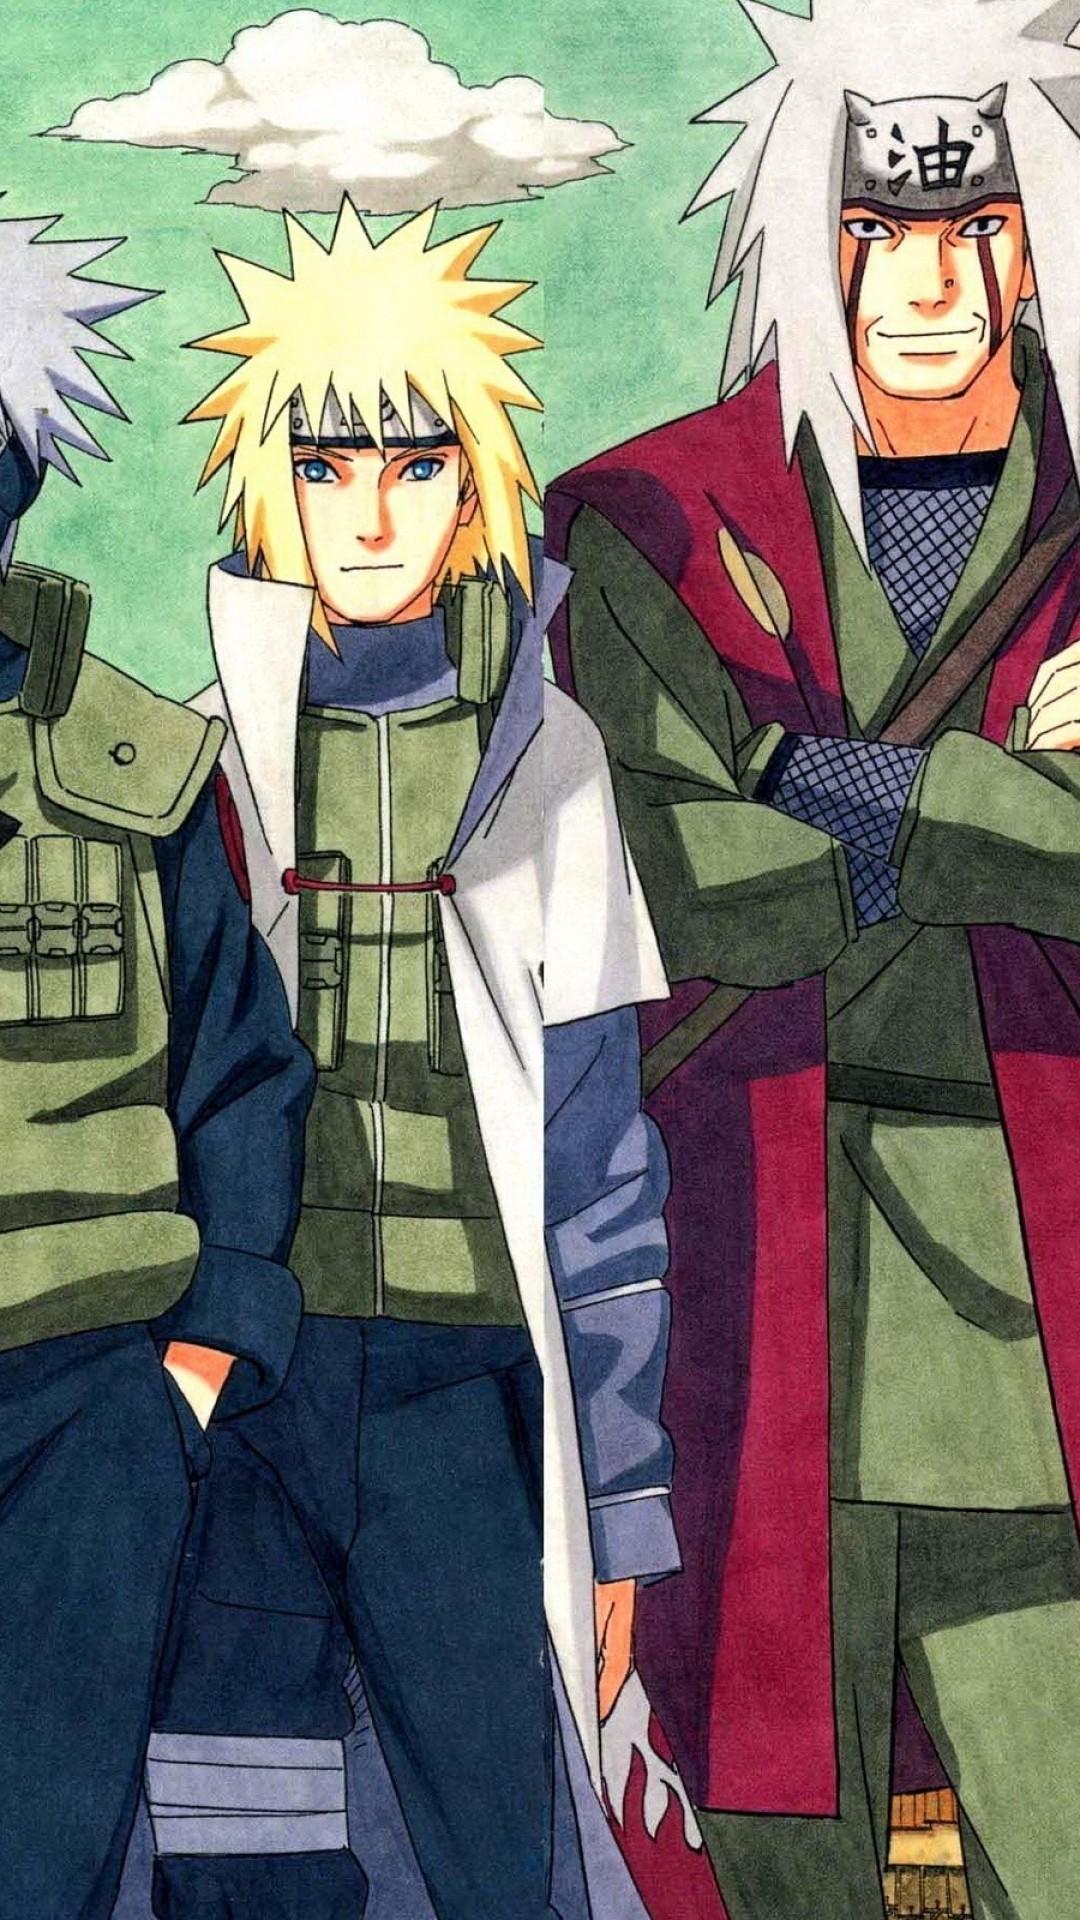 Res: 1080x1920, Naruto, Kakashi, Jiraiya, Minato, Sandaime